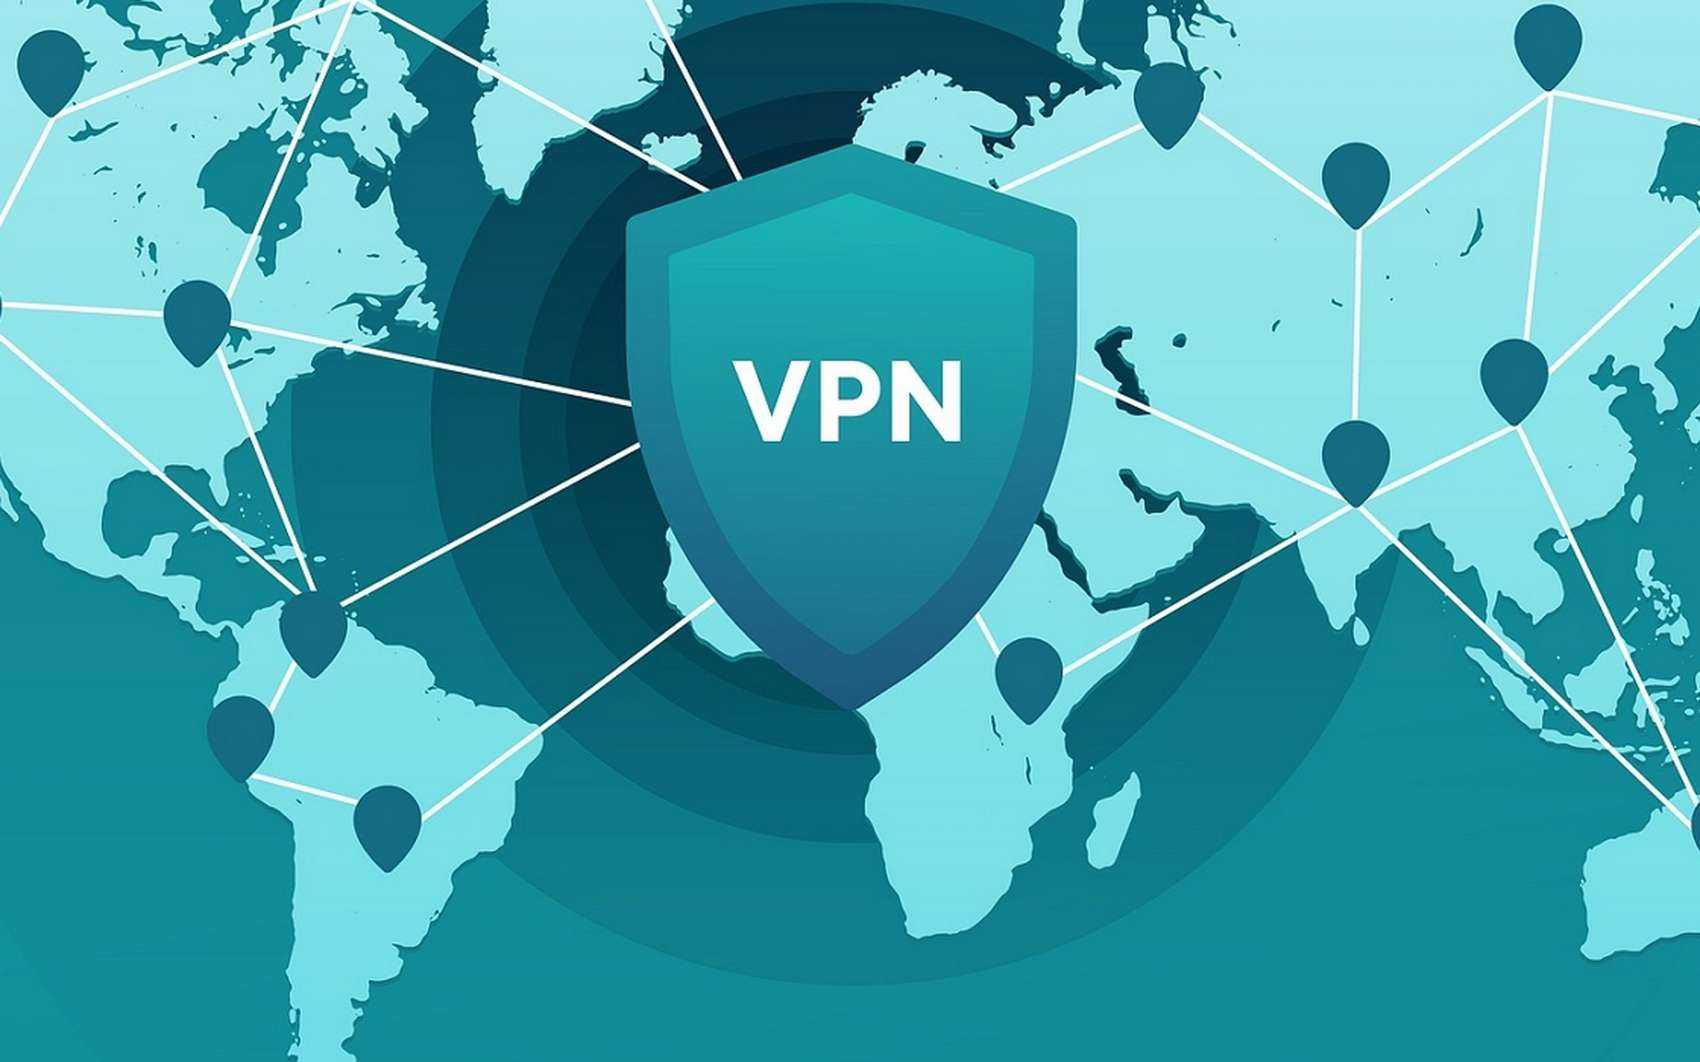 Почему не работает интернет без VPN? — Хабр Q&A